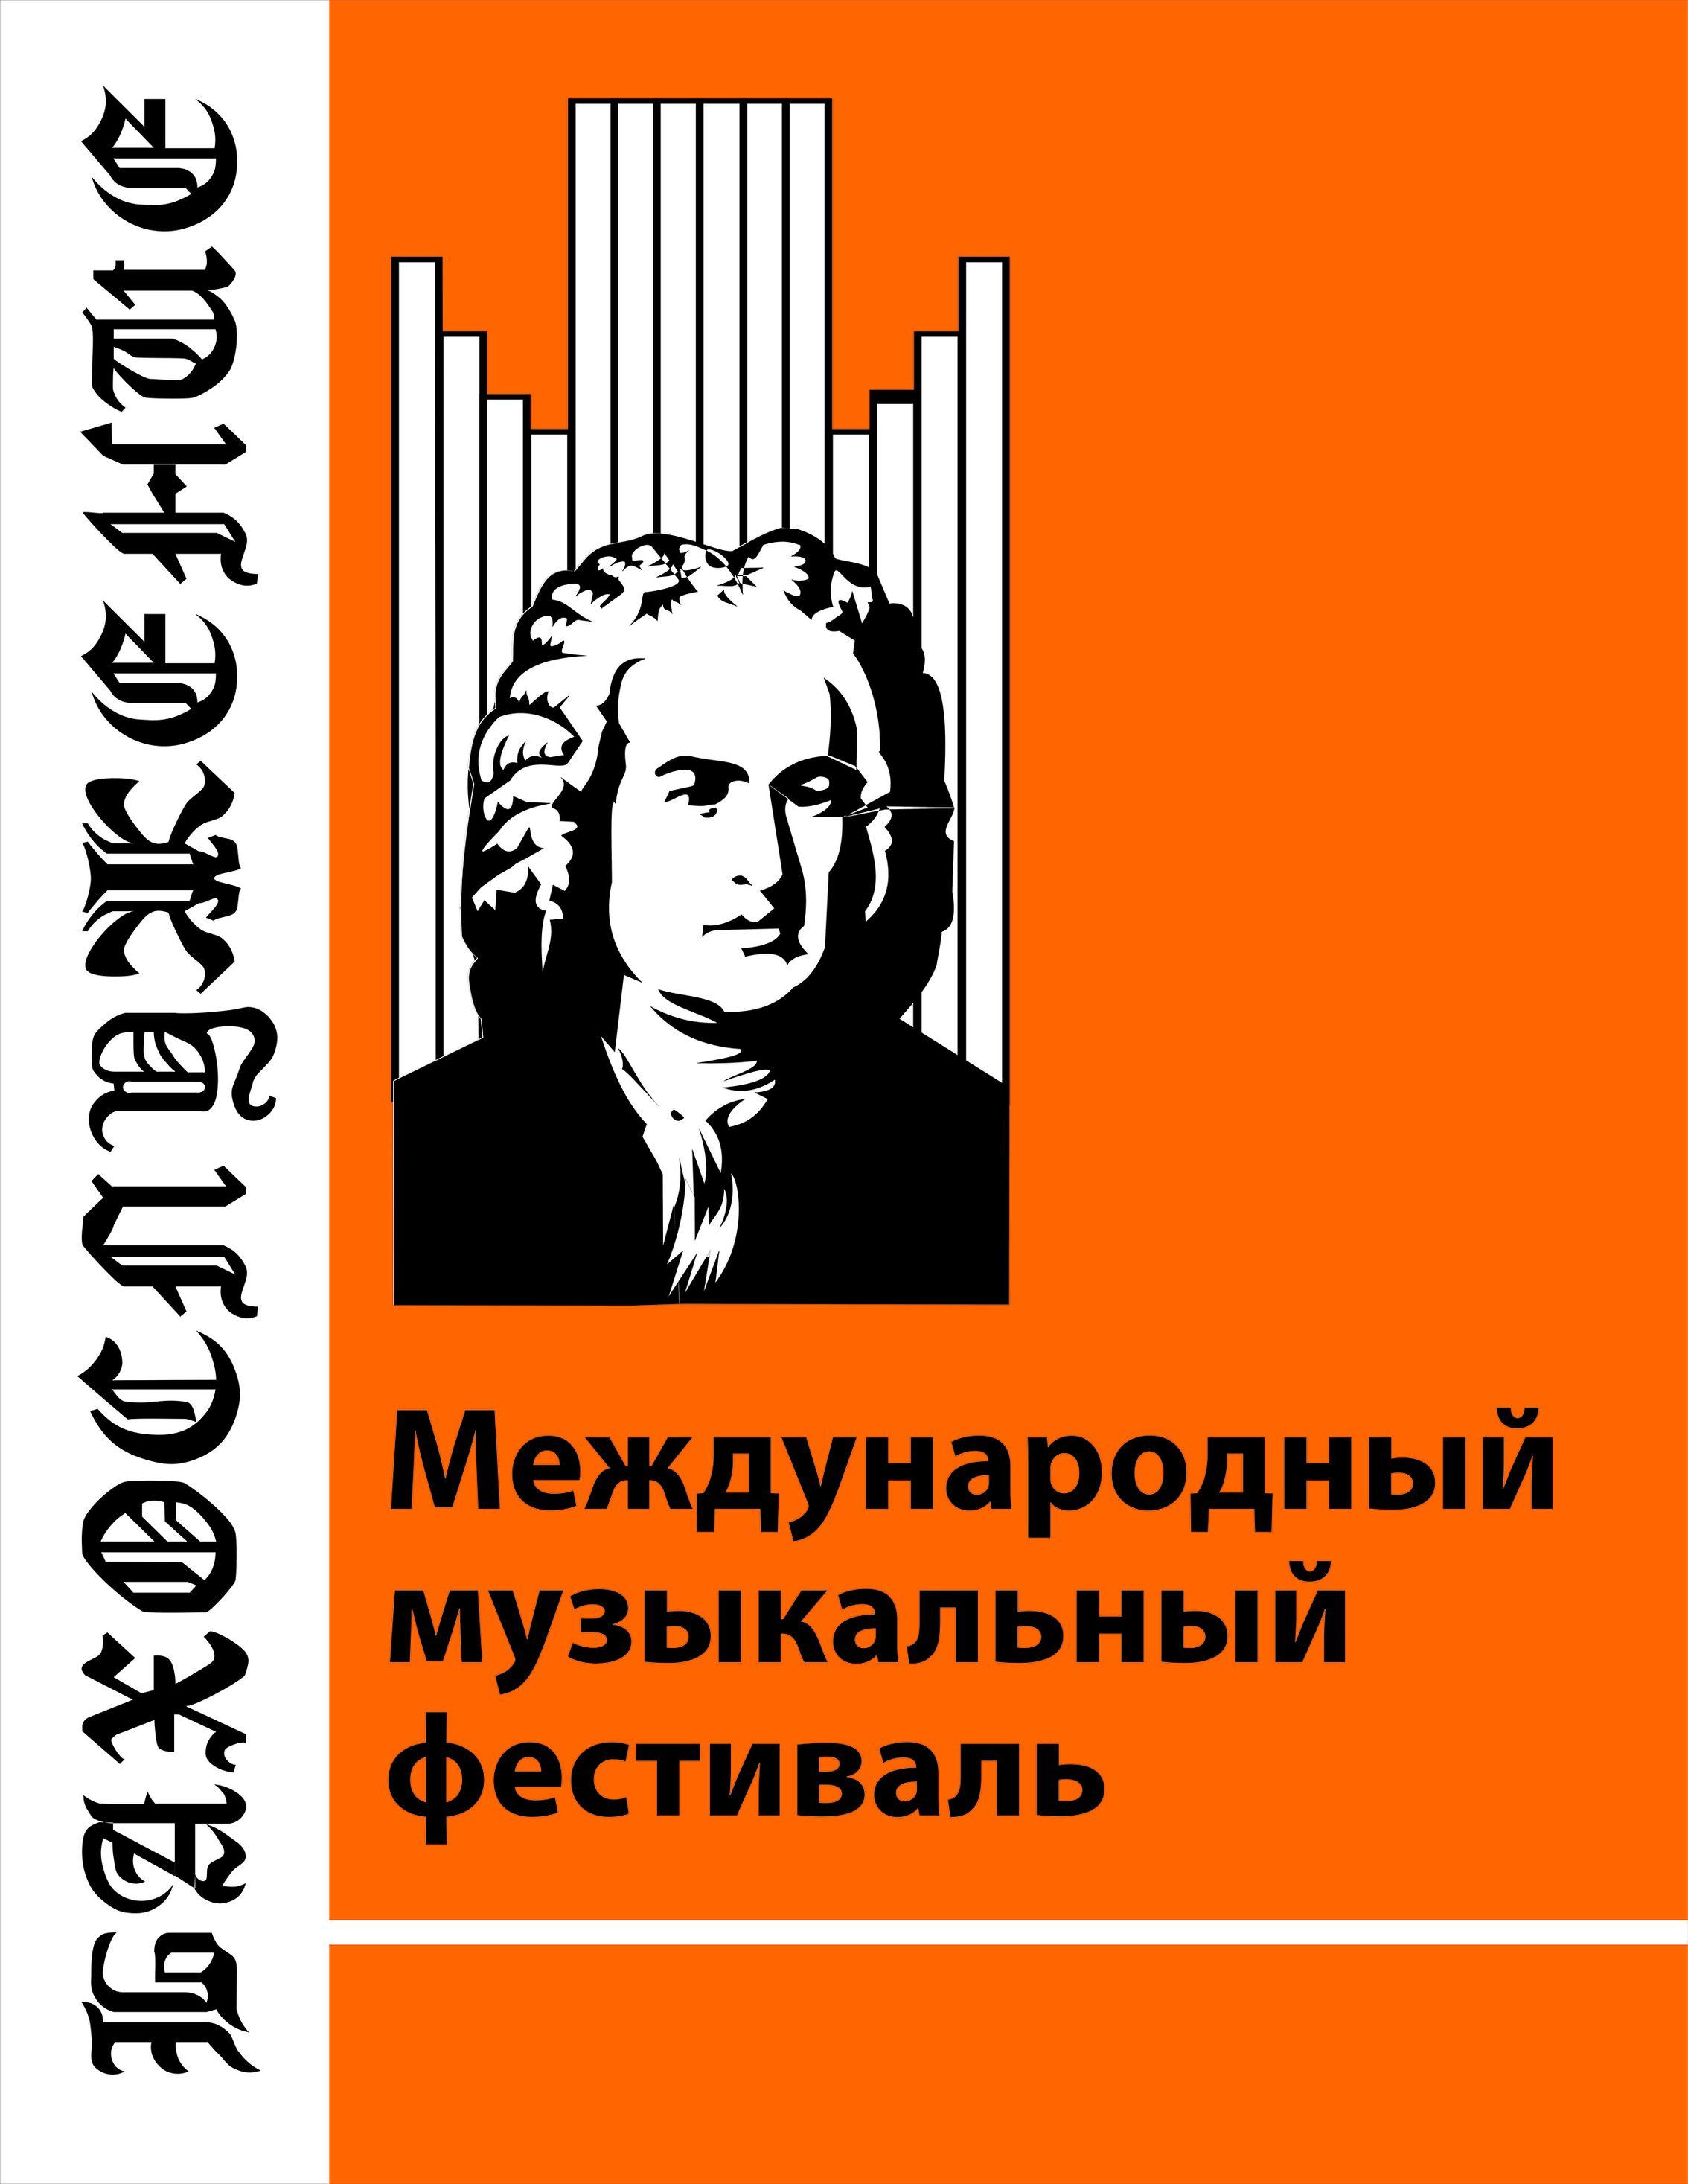 В Калининграде открывается международный музыкальный фестиваль